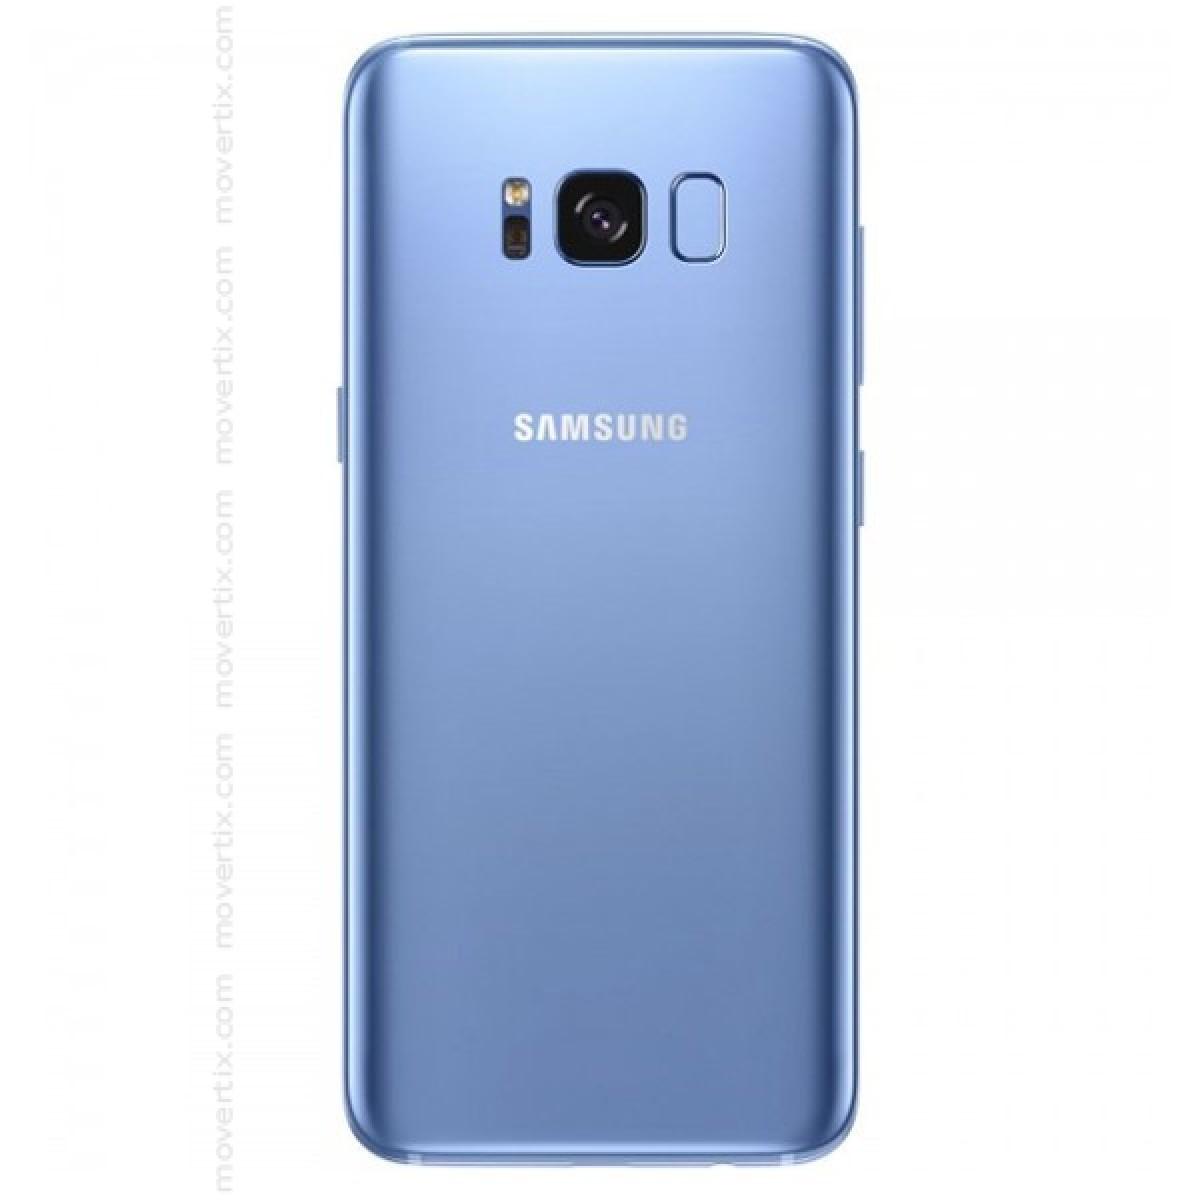 a4b39ecb86f Samsung lo ha vuelto a hacer: el móvil del que habla todo el mundo.  Pantalla infinita, escáner de iris, rendimiento sensacional... Compra el Samsung  Galaxy ...